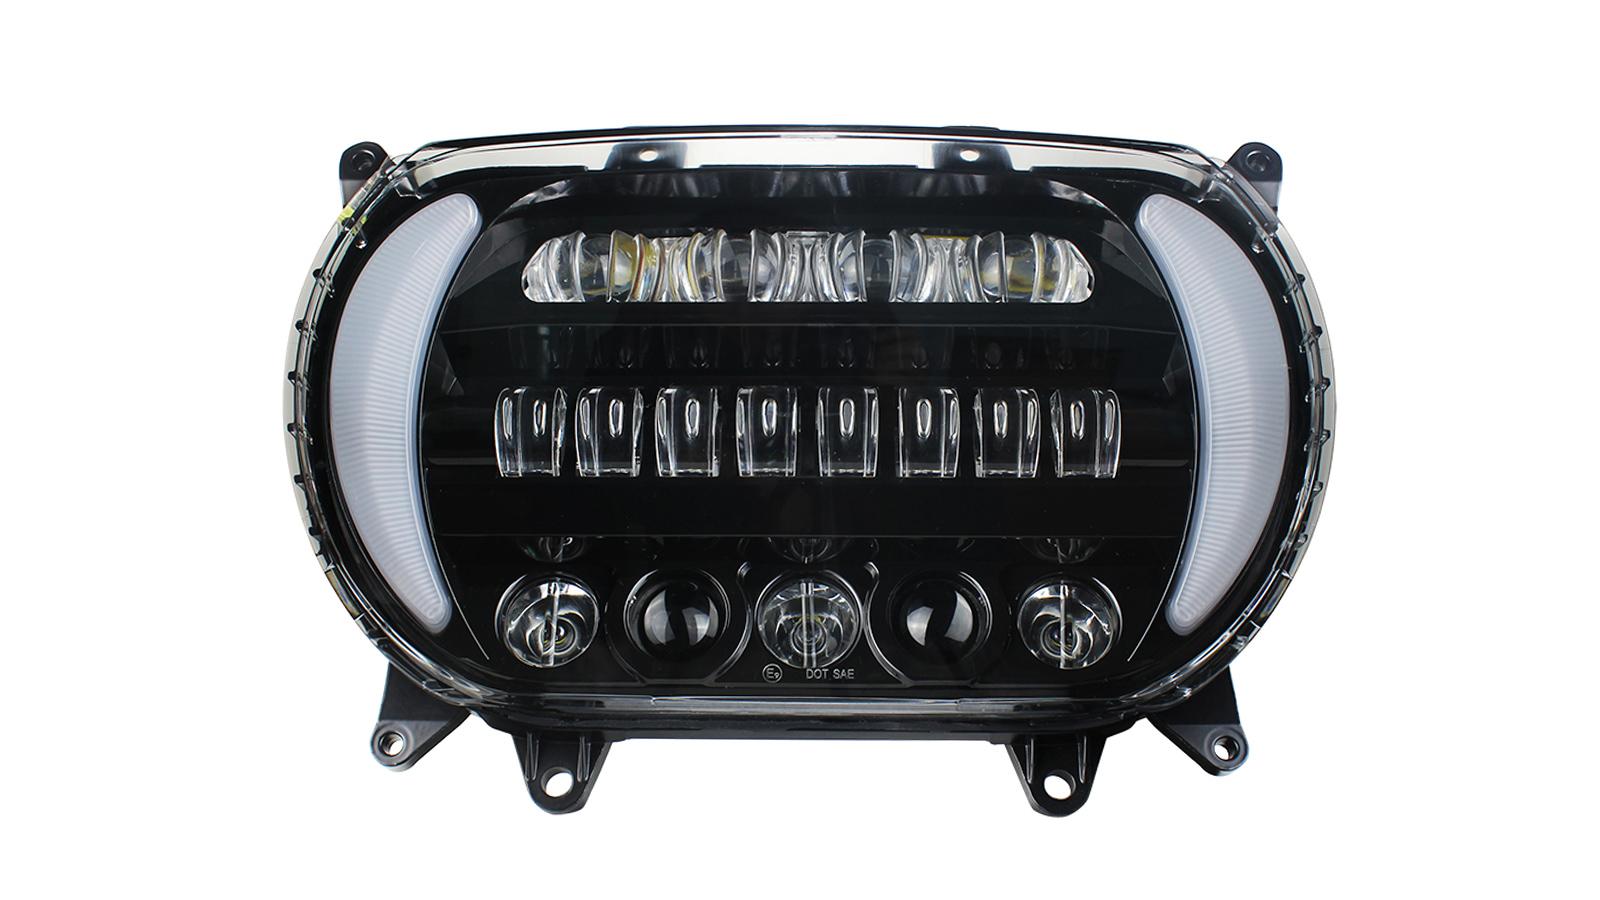 Proiettore faro a LED DRL Amber Turn Signal Segnale Kit per Harley Road Glide 2015+ Produttori dalla Cina